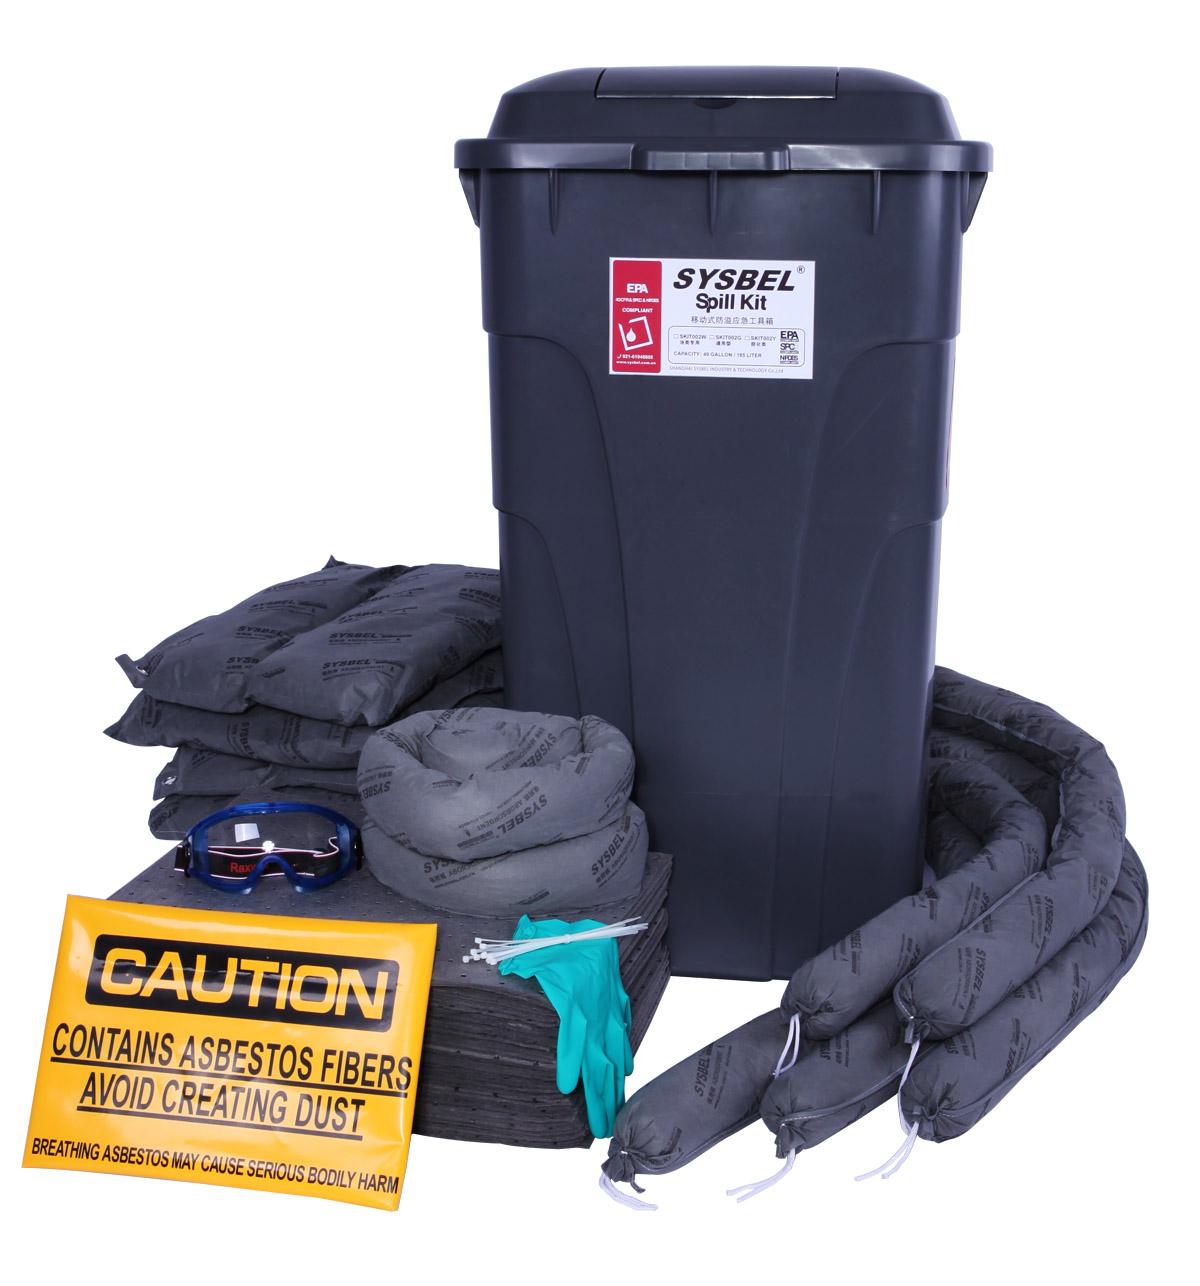 移动式泄漏处理套装 移动式防溢应急工具箱(通用型)SKIT002G